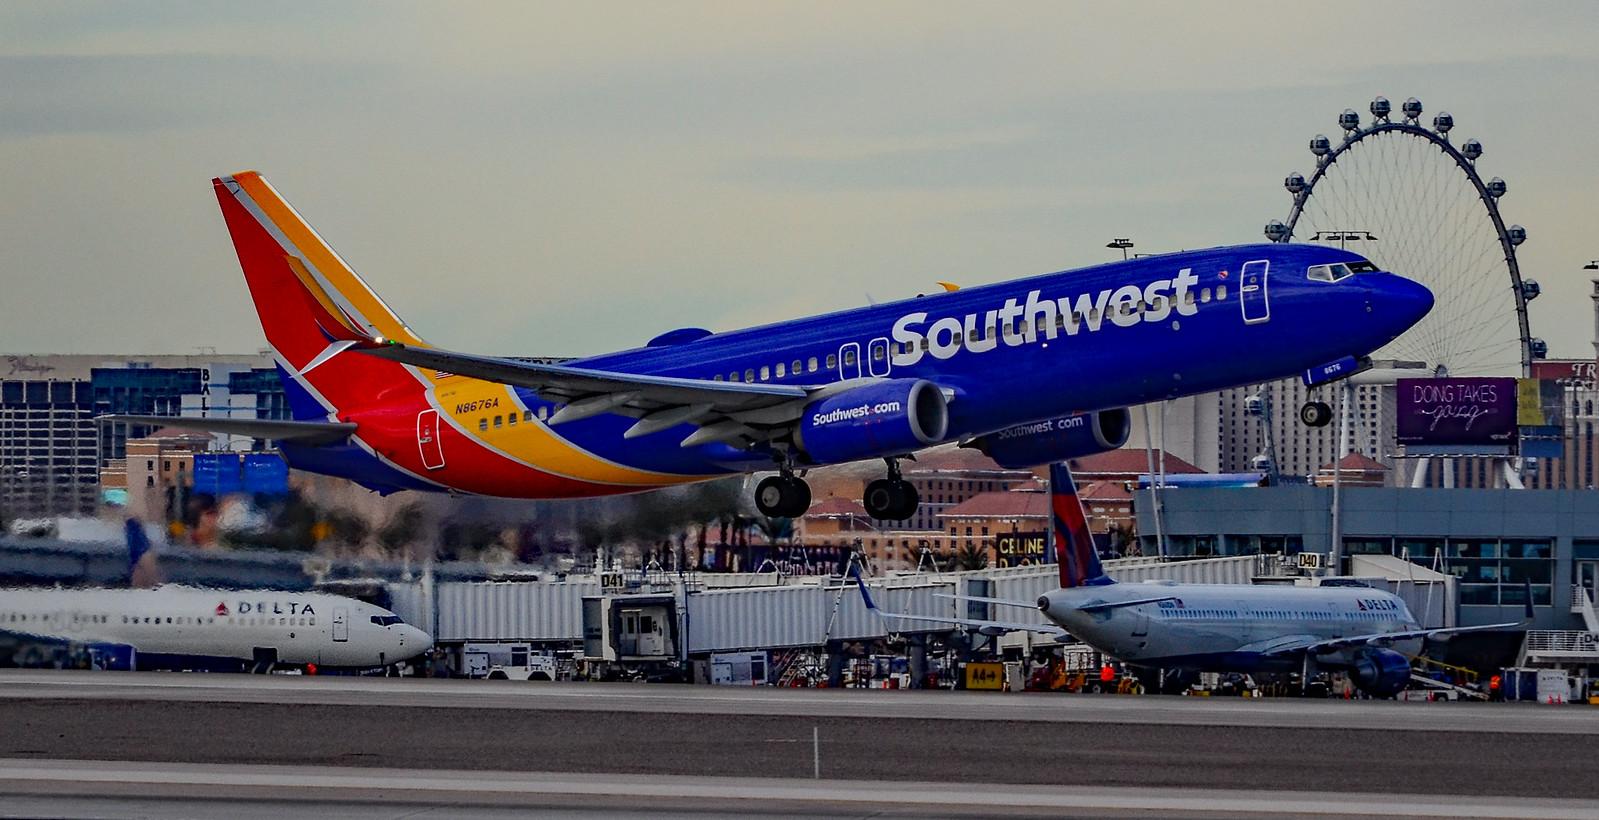 N8676A Southwest Airlines Boeing, Nikon D7000, AF-S DX VR Nikkor 55-300mm f/4.5-5.6G ED